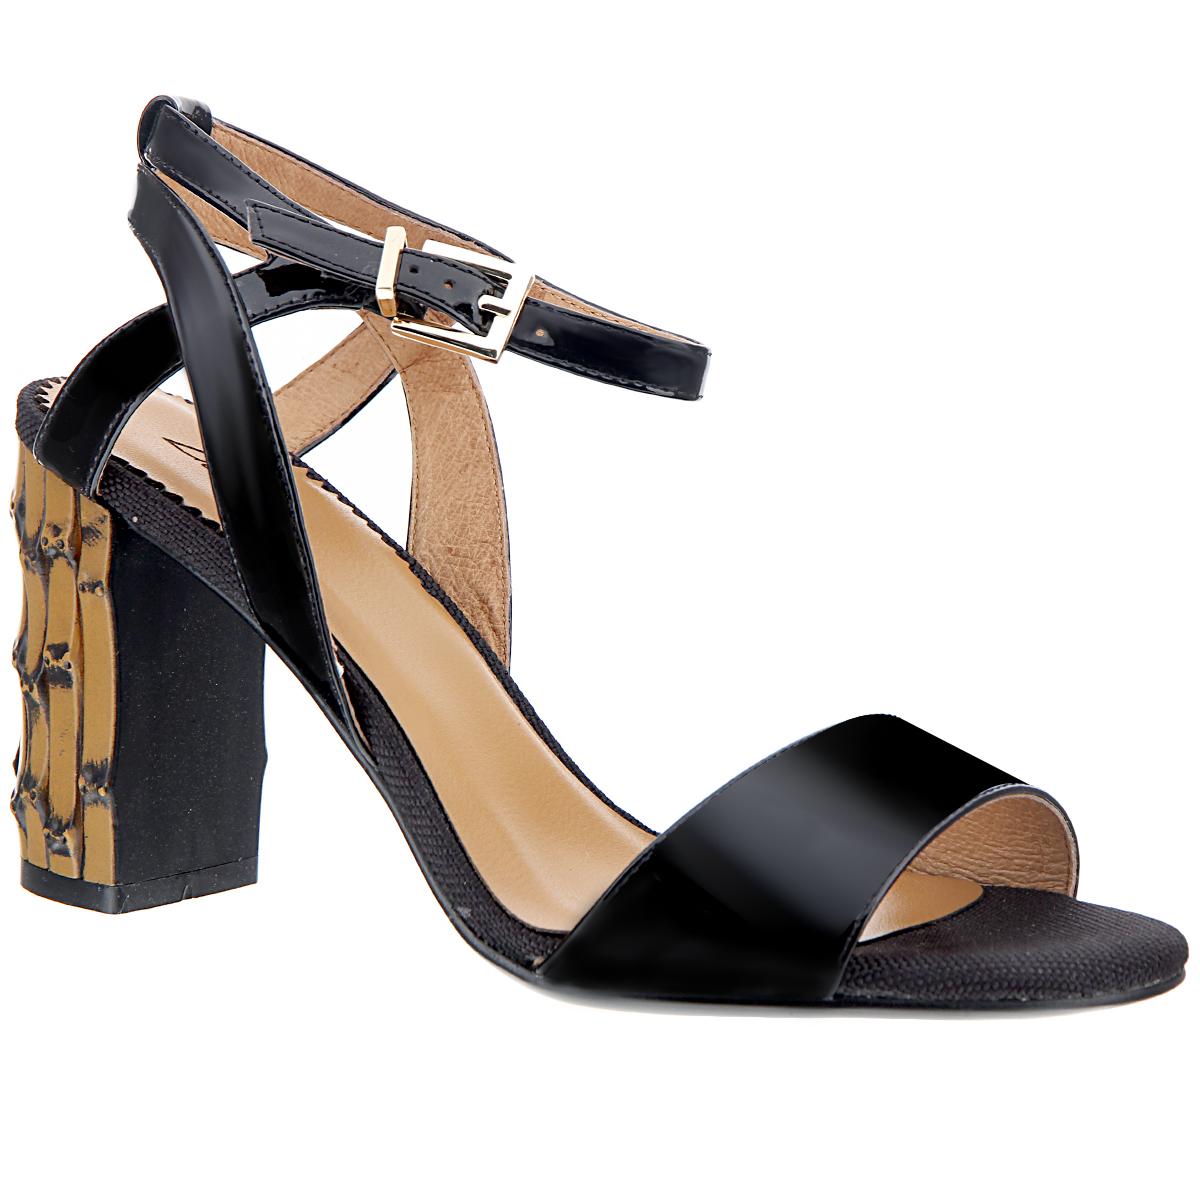 Босоножки женские. 6022-14-16022-14-1Стильные босоножки на каблуке от Lisette станут прекрасным дополнением летнего гардероба. Верх модели выполнен из натуральной лакированной кожи. Внутренняя часть и стелька также выполнены из натуральной кожи. Носок и пятка открыты. Щиколотку охватывает тонкий ремешок с металлической пряжкой. Устойчивый широкий каблук оформлен декоративной отделкой. Подошва выполнена из прочной резины с нескользящим рифлением. Такие босоножки сделают вас ярче и подчеркнут вашу индивидуальность.